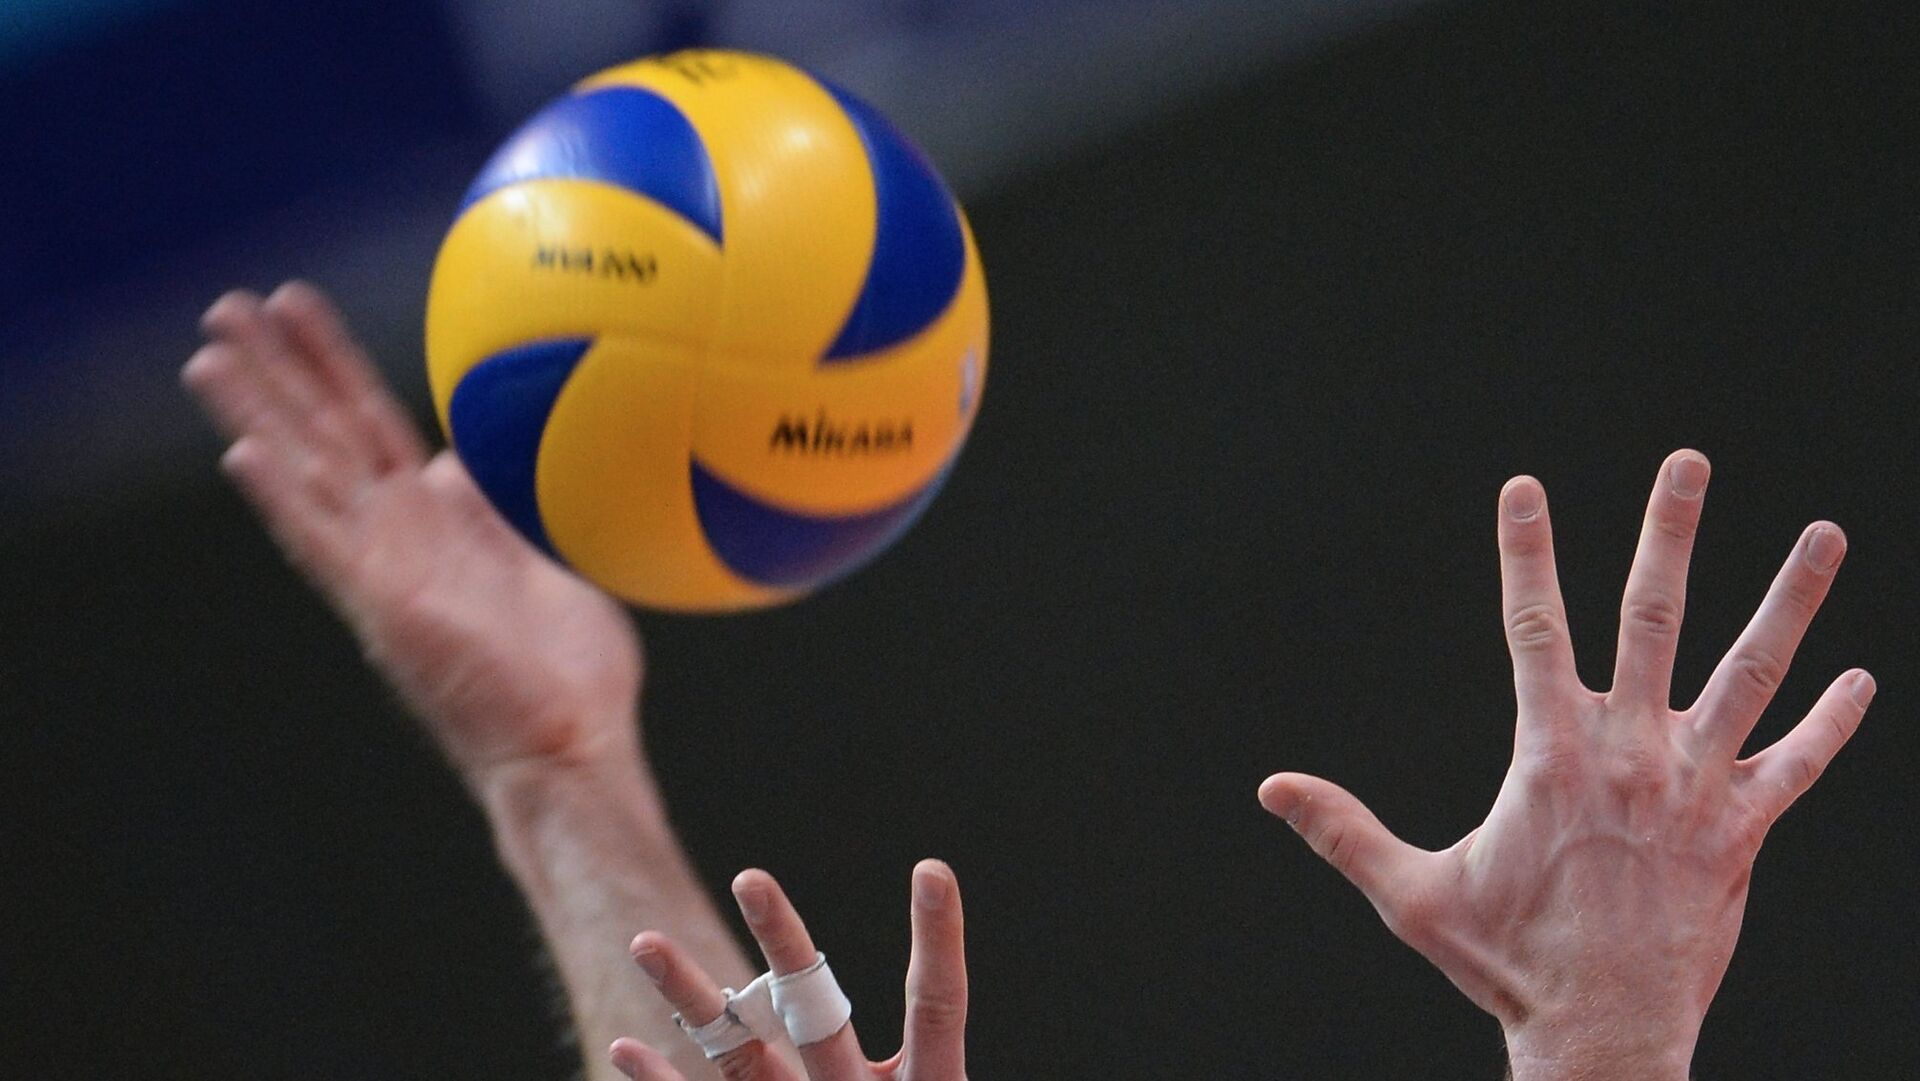 Волейбольный мяч - РИА Новости, 1920, 05.02.2021